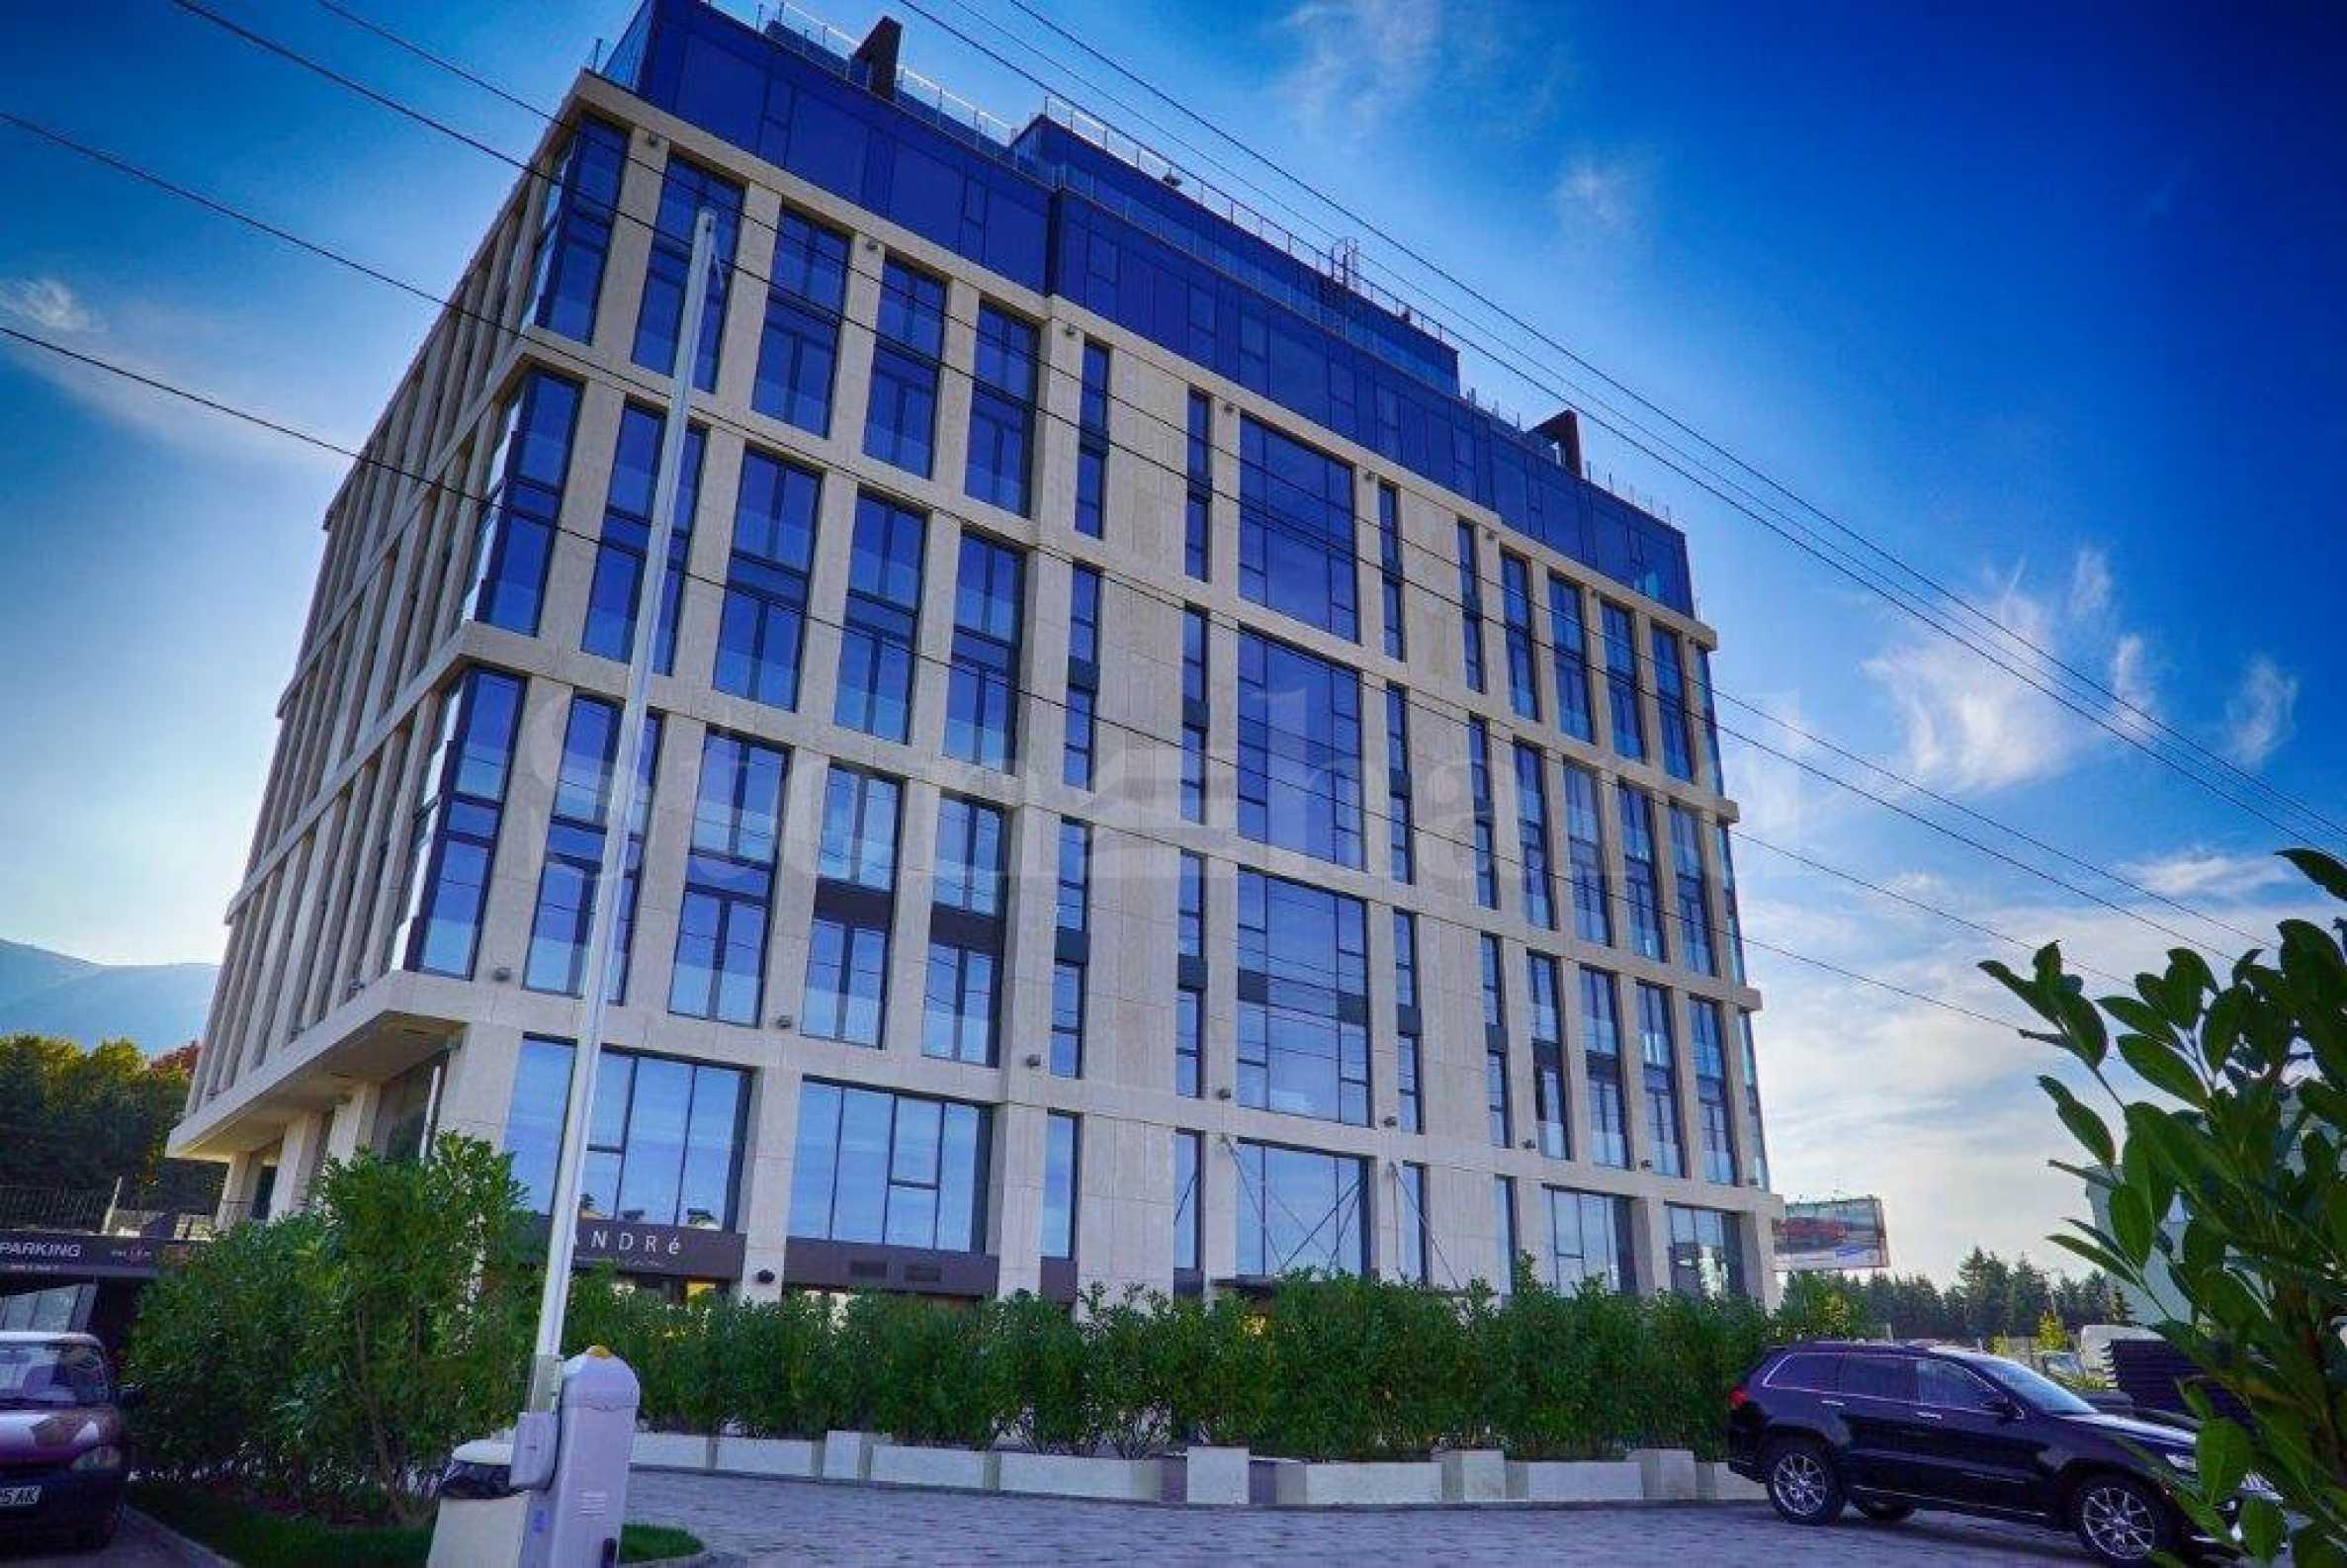 Сграда с апартаменти с впечатляващ дизайн и отлична локация 1 - Stonehard